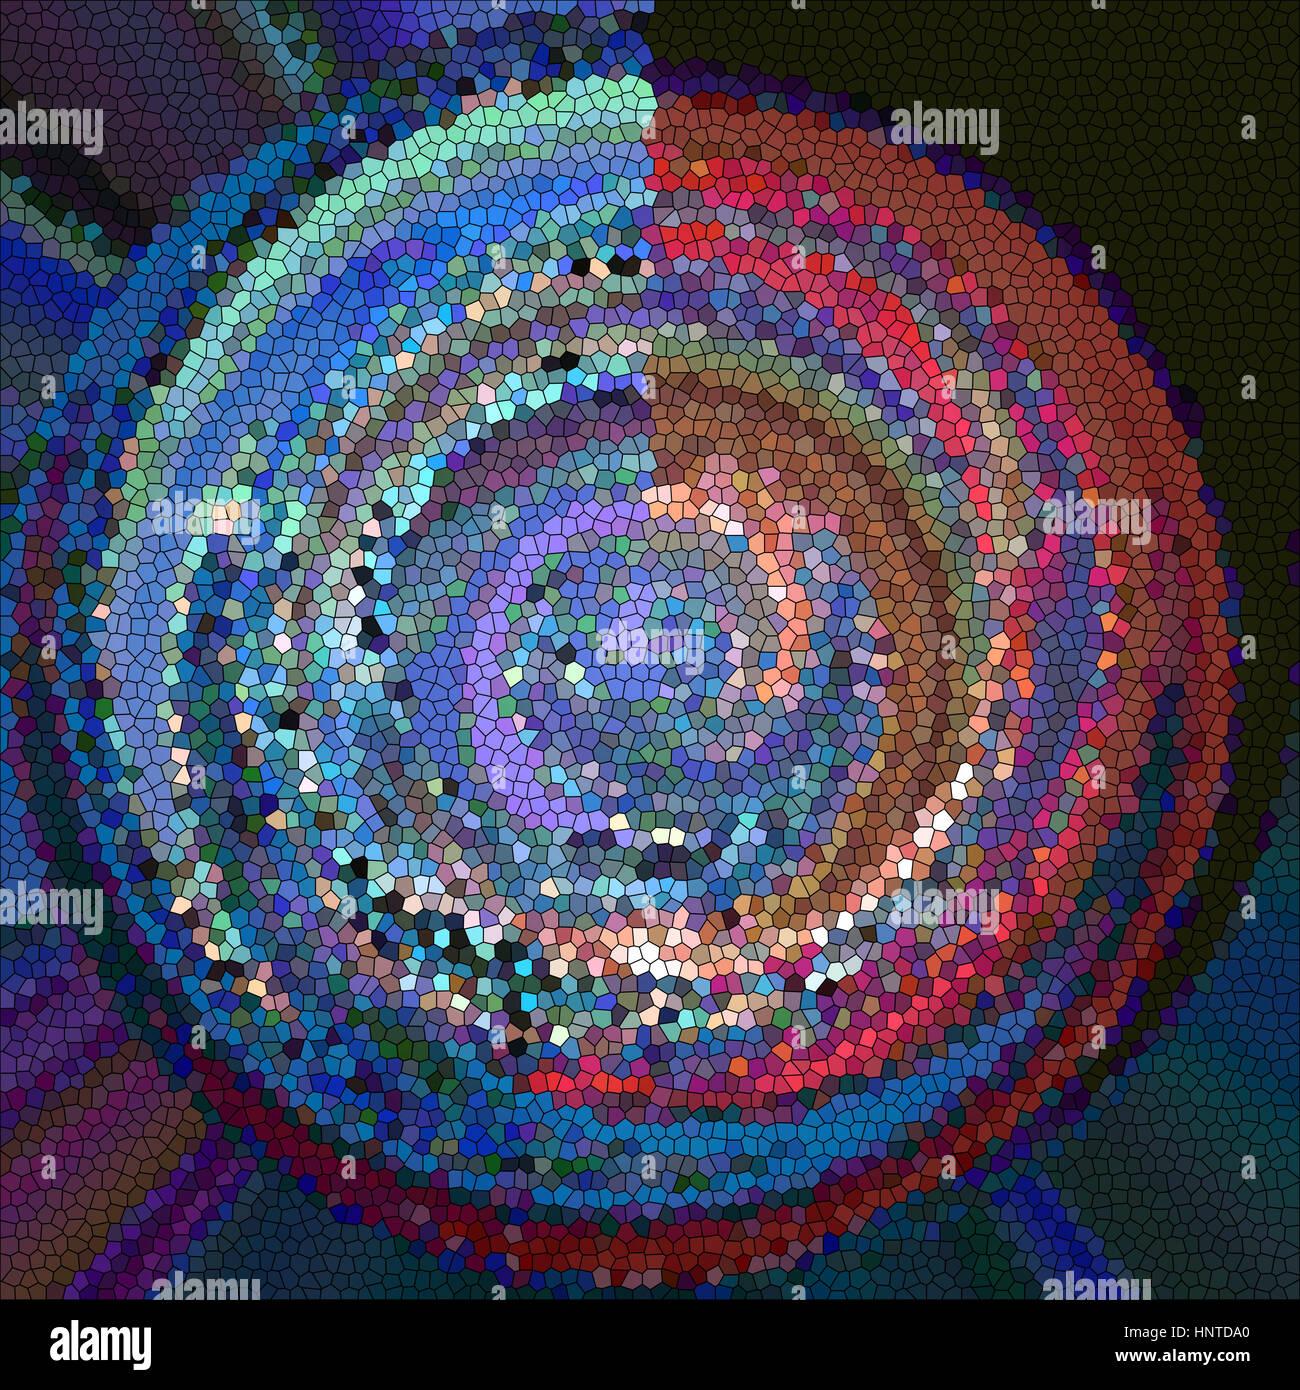 Horizon Abstract Artwork Stock Photos & Horizon Abstract Artwork ...